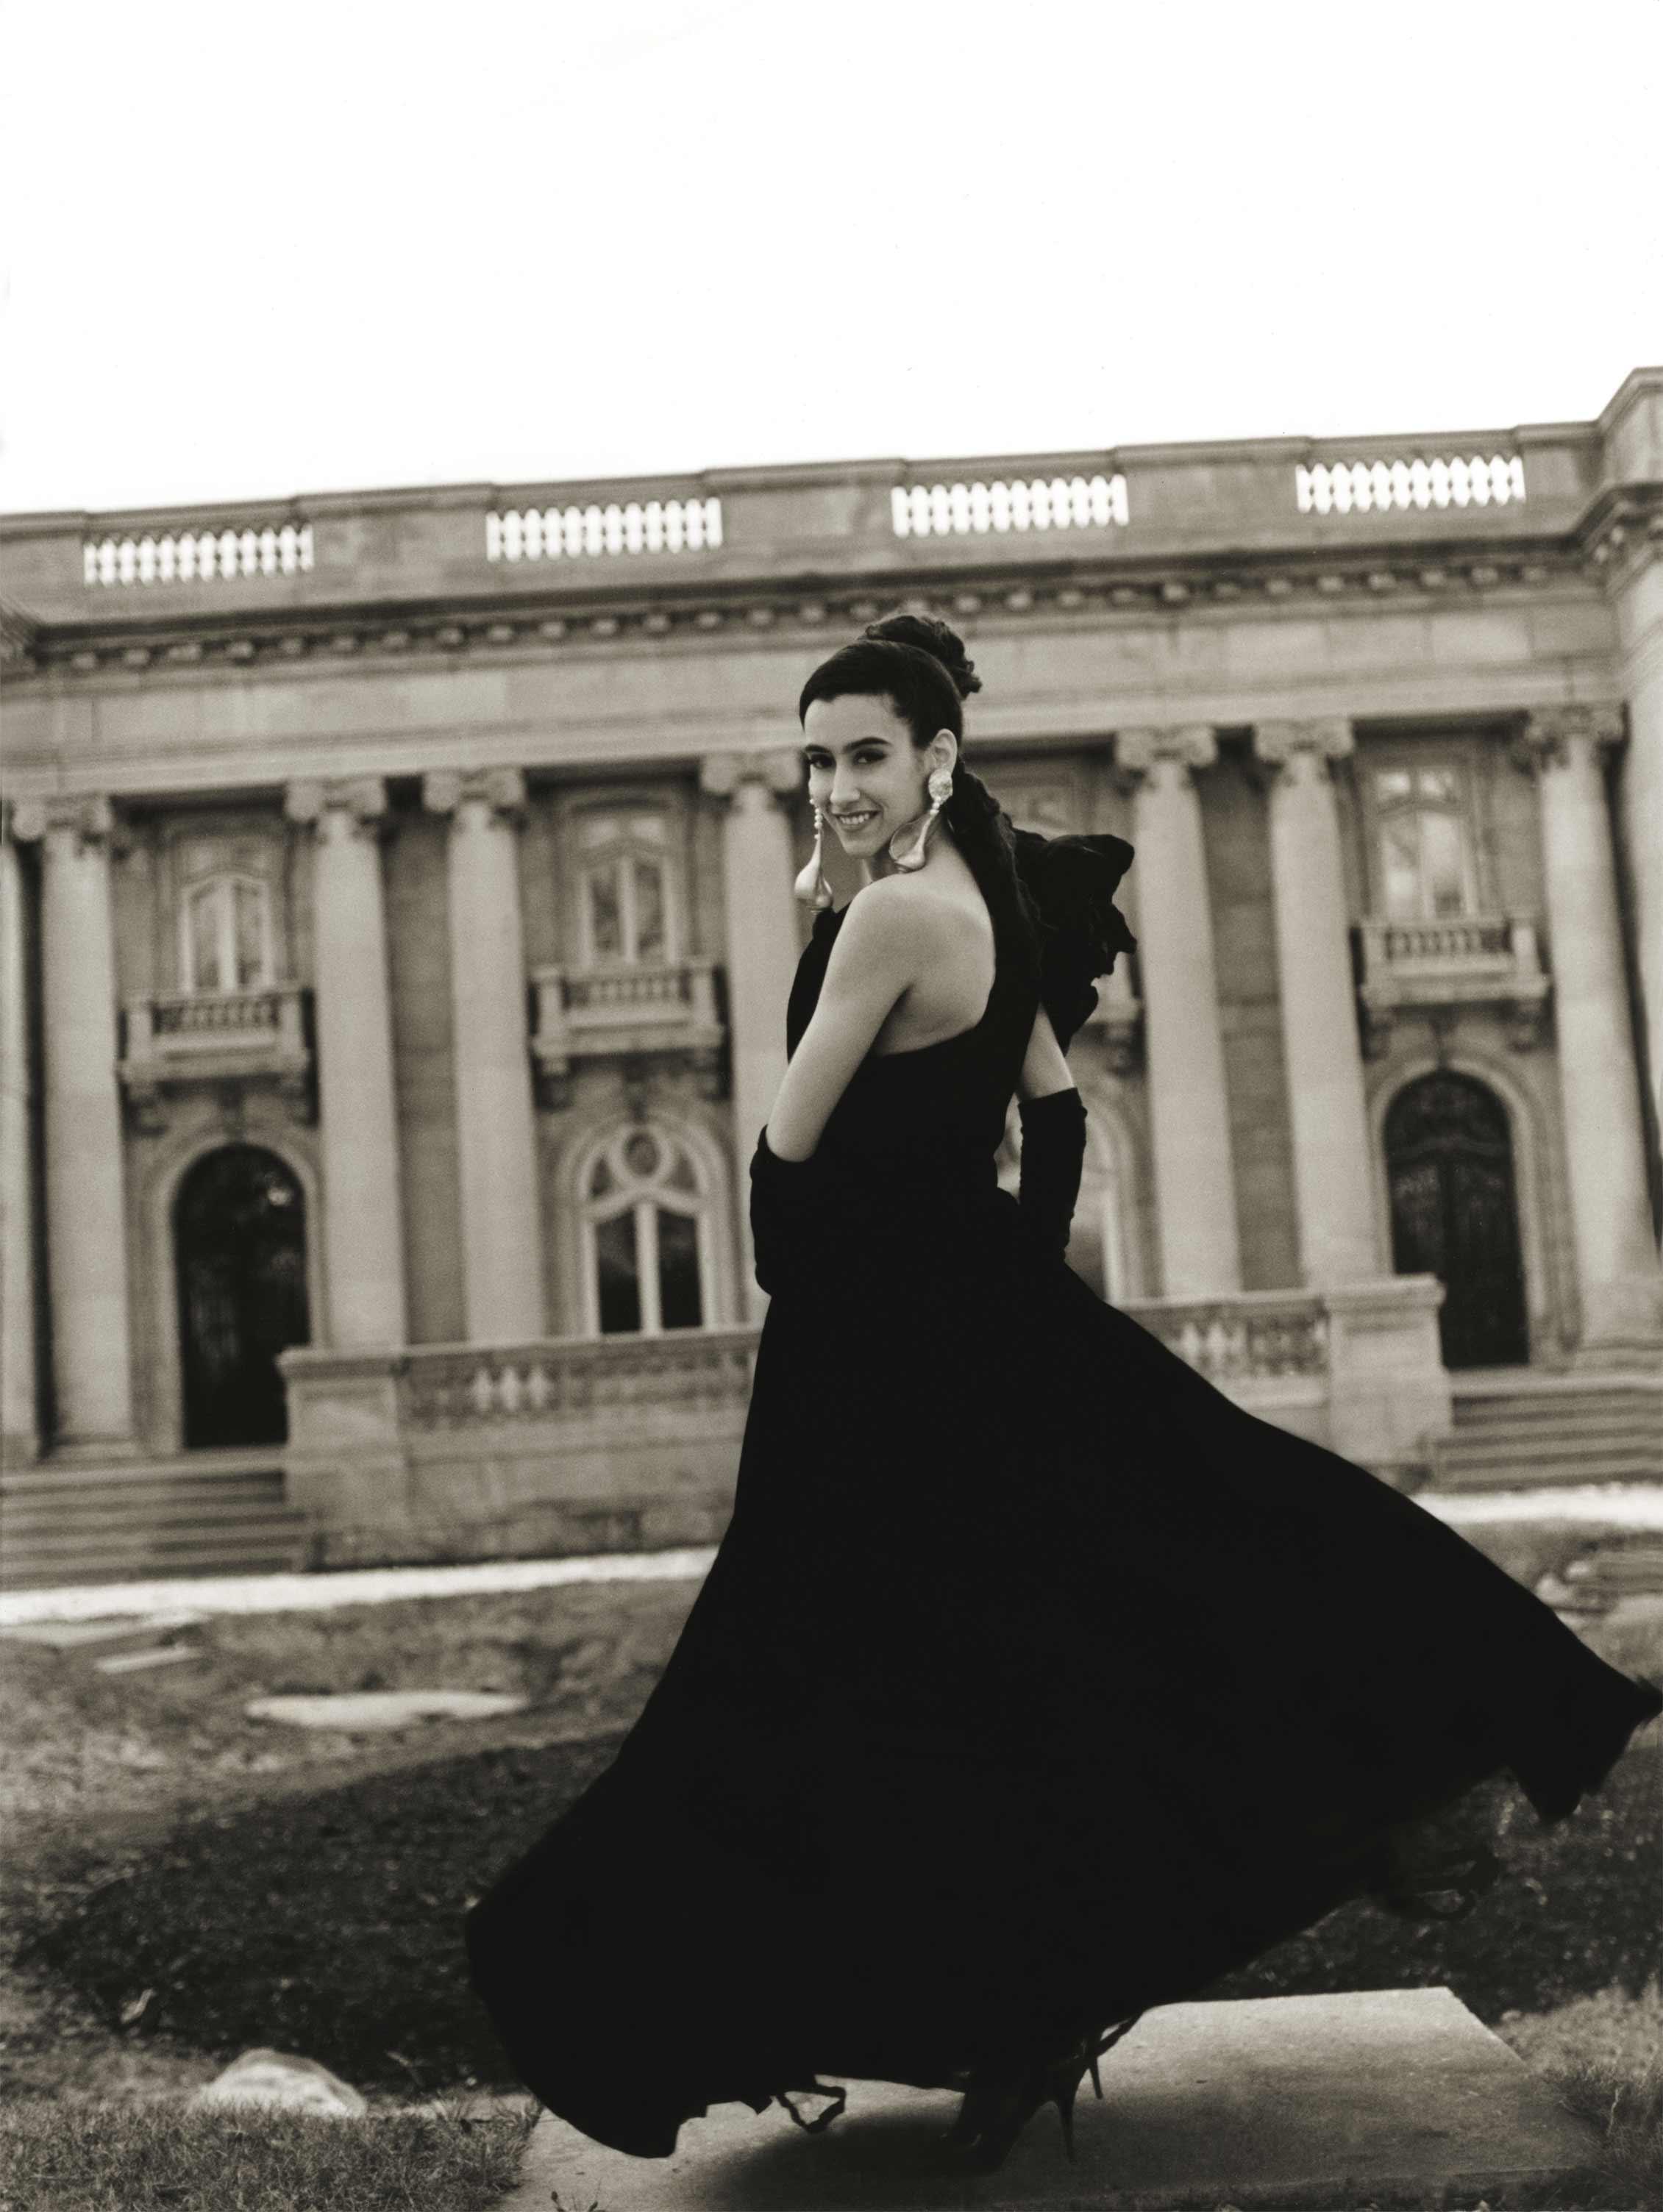 Photo d'un robe de bal devant décor d'architecture classique / Photographie noir et blanc de mode